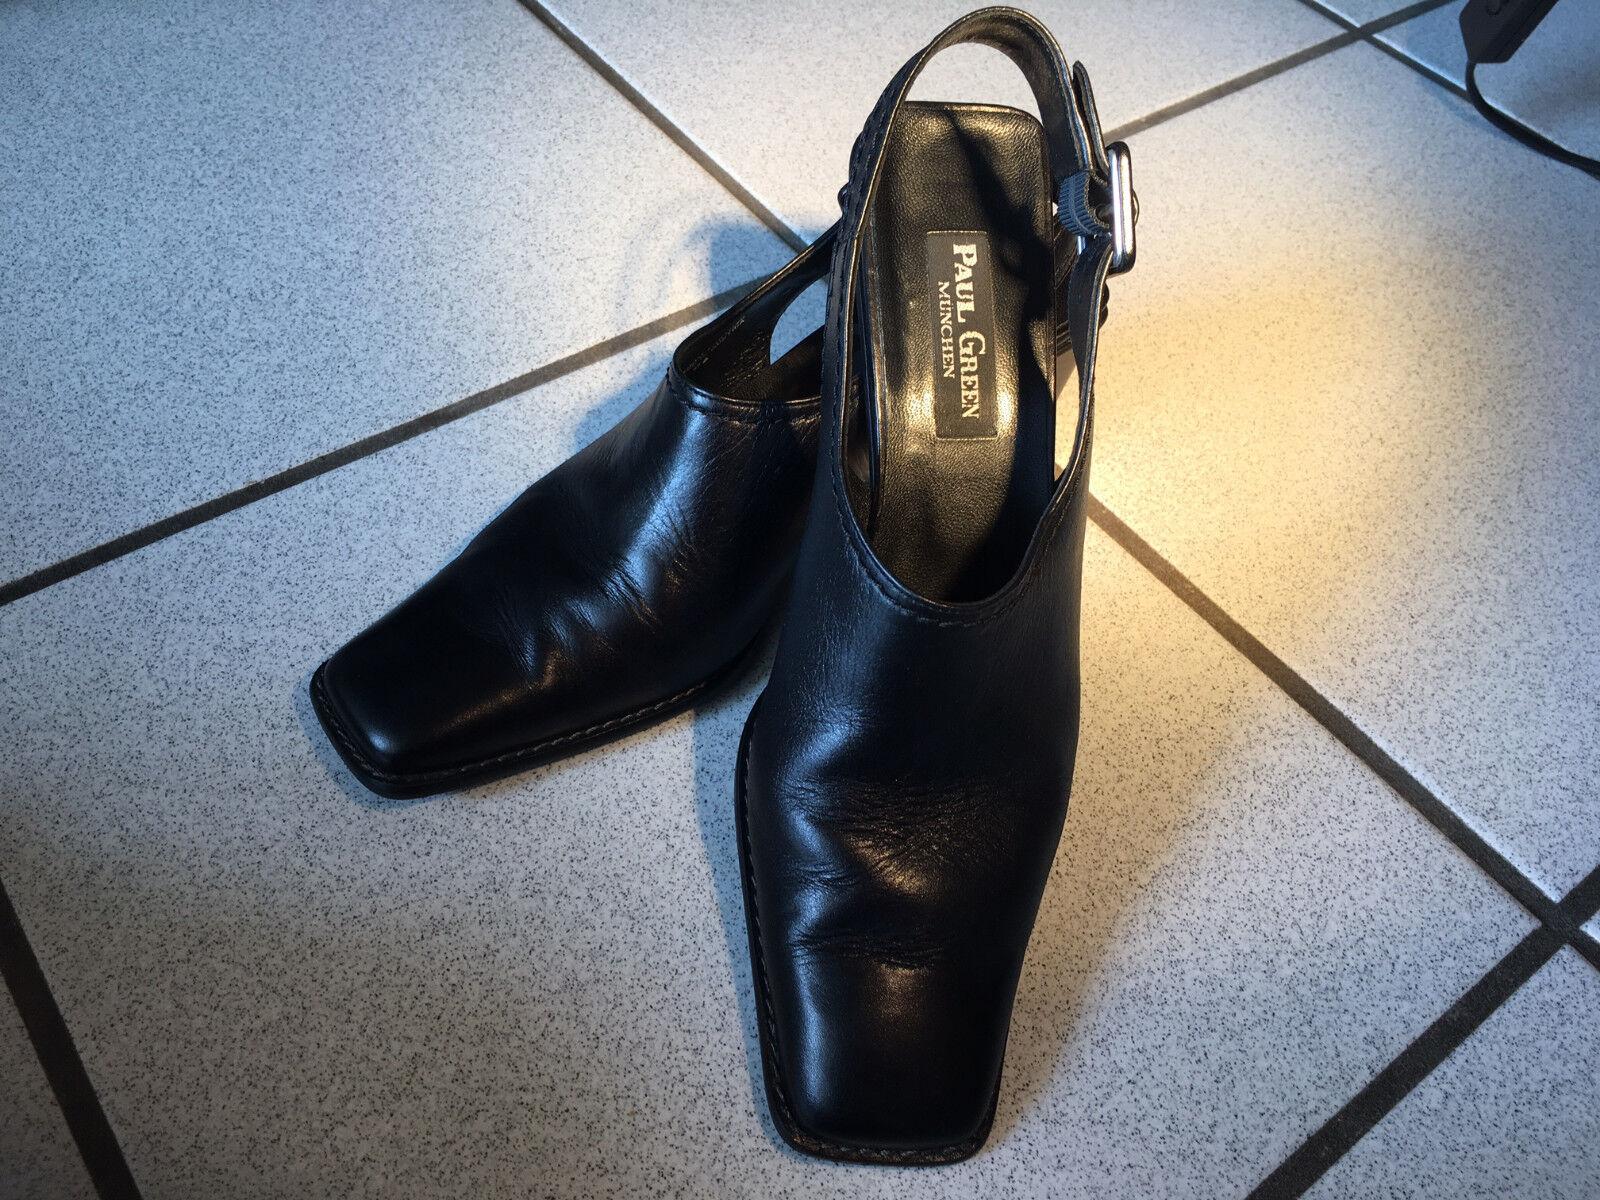 Paul Green Schuhe Schwarz  mit Absatz 5,5 38,5